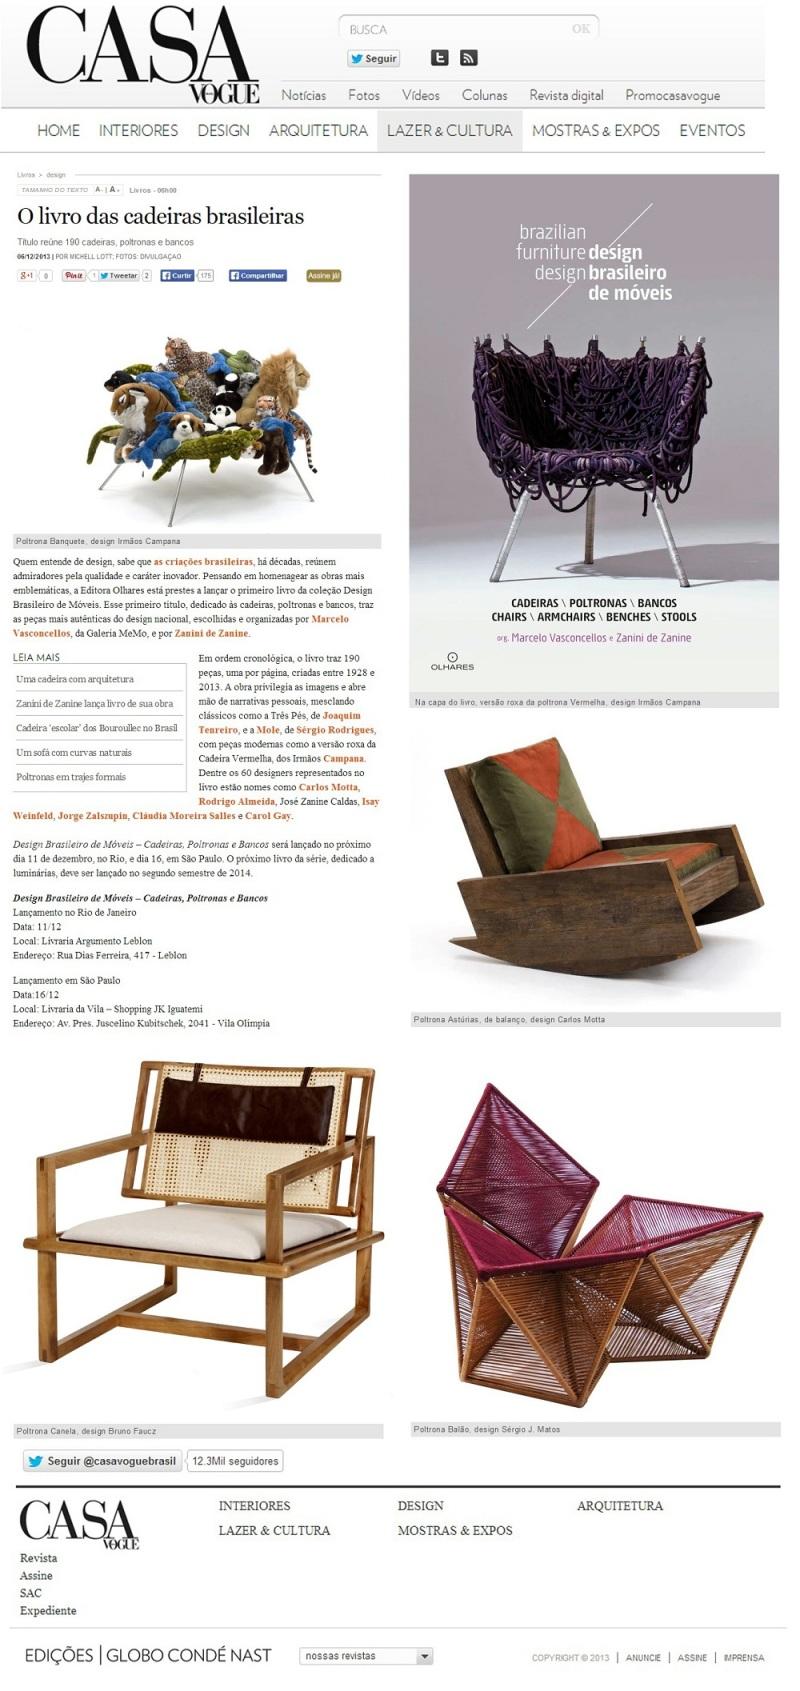 Casa Vogue anúncio Livro Design Brasileiro